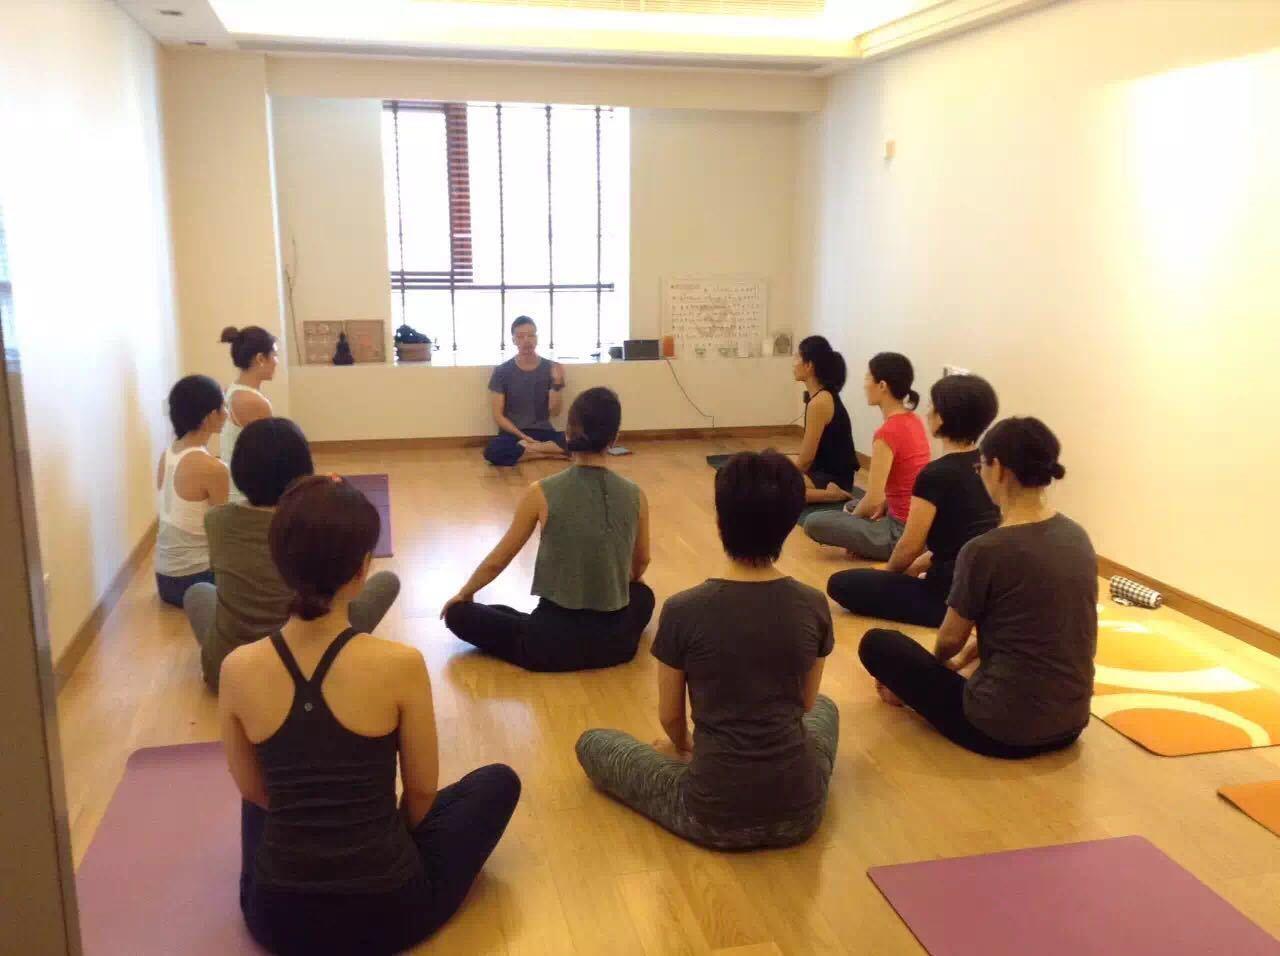 【6/7(木)開催】上海WS Tomo先生によるヨガ哲学『ヨガスートラと菜食主義について』